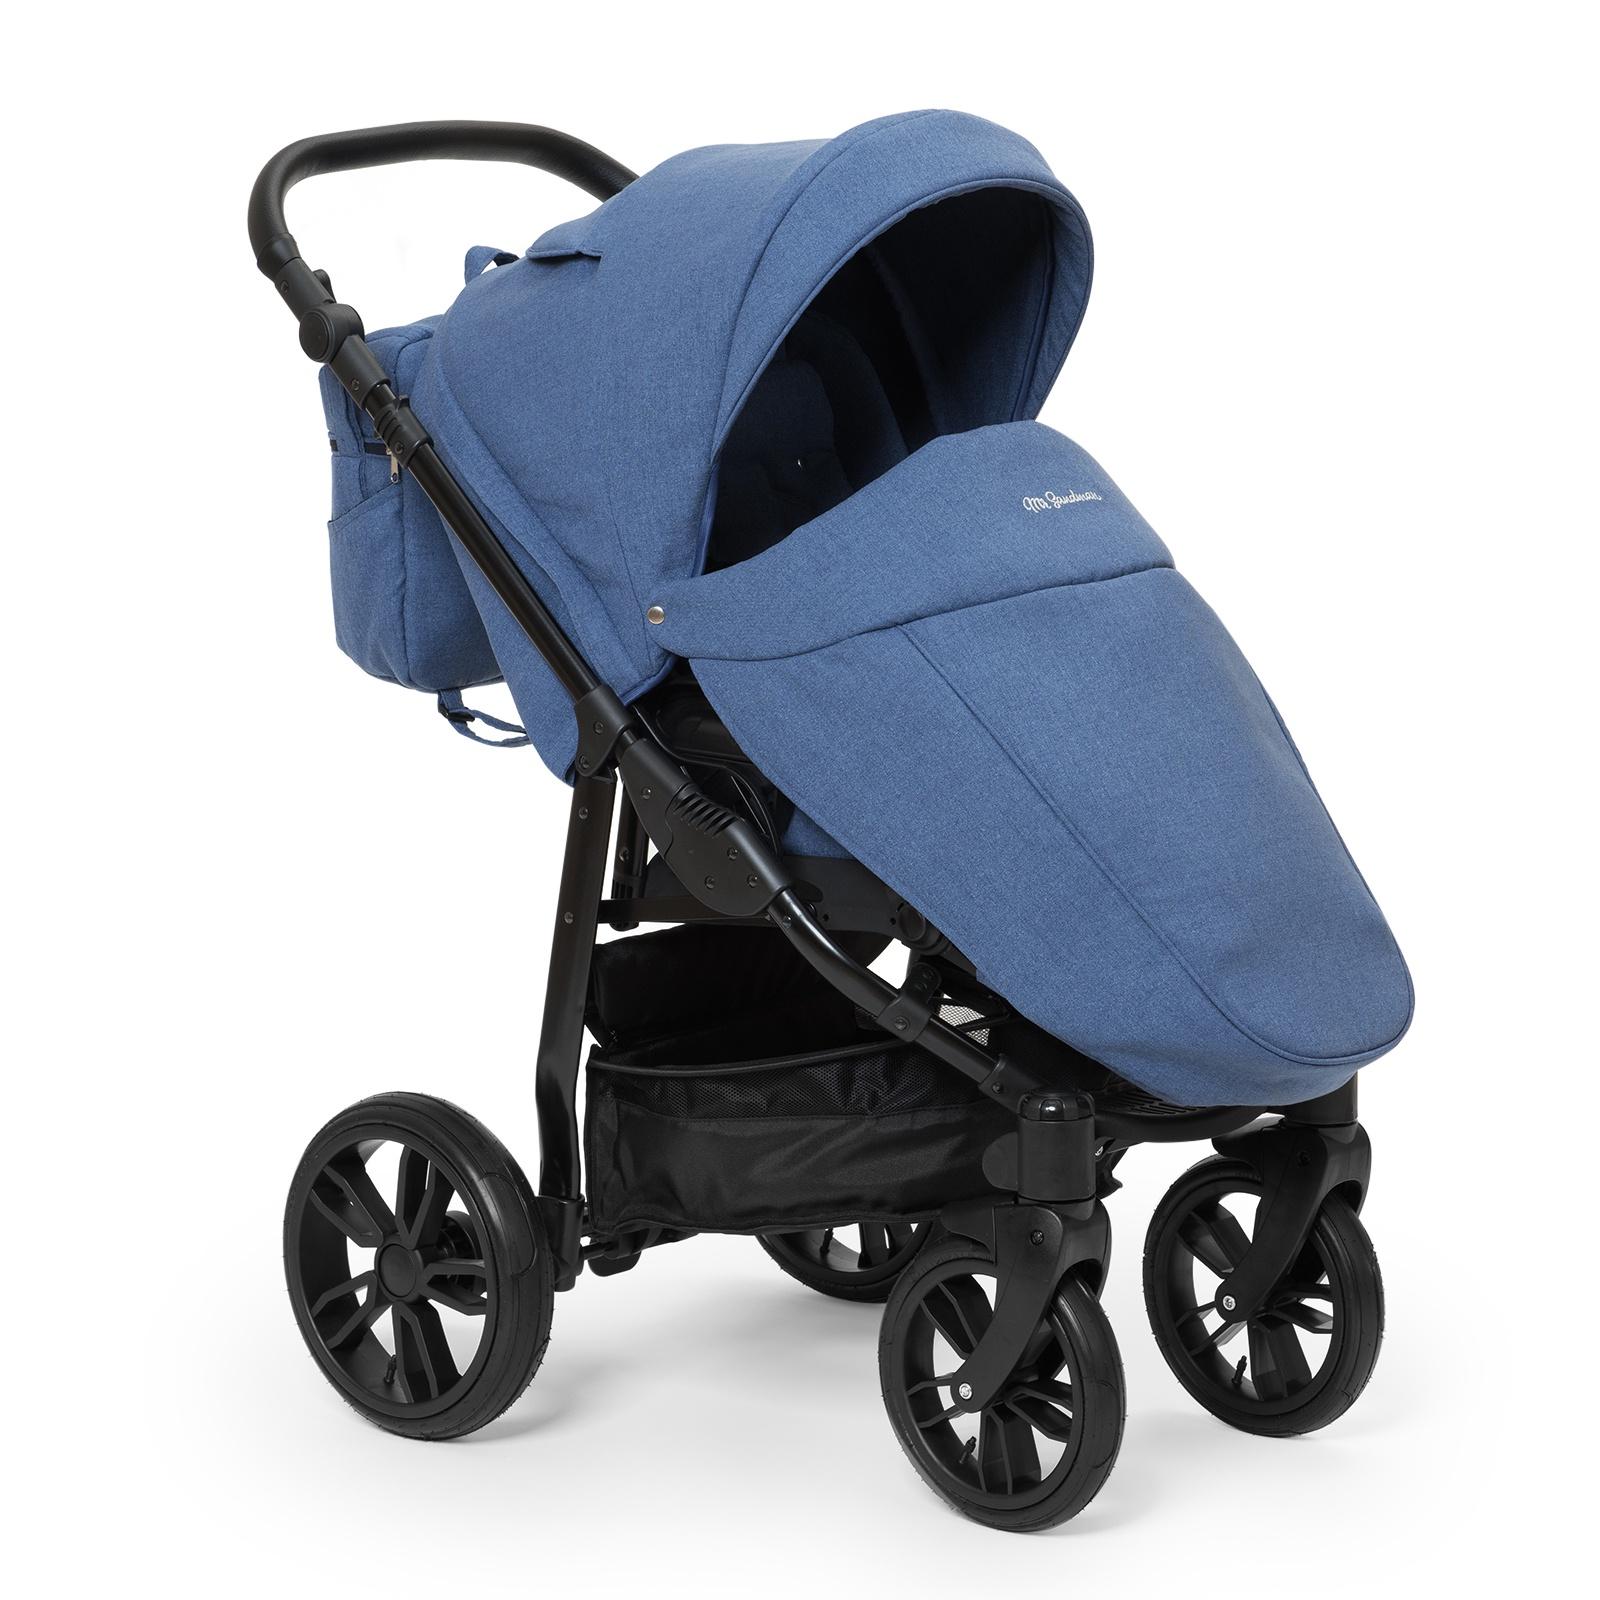 Коляска прогулочная Mr Sandman Vortex, цвет: синий коляска прогулочная mr sandman tour графит белый kmst 0552mr09